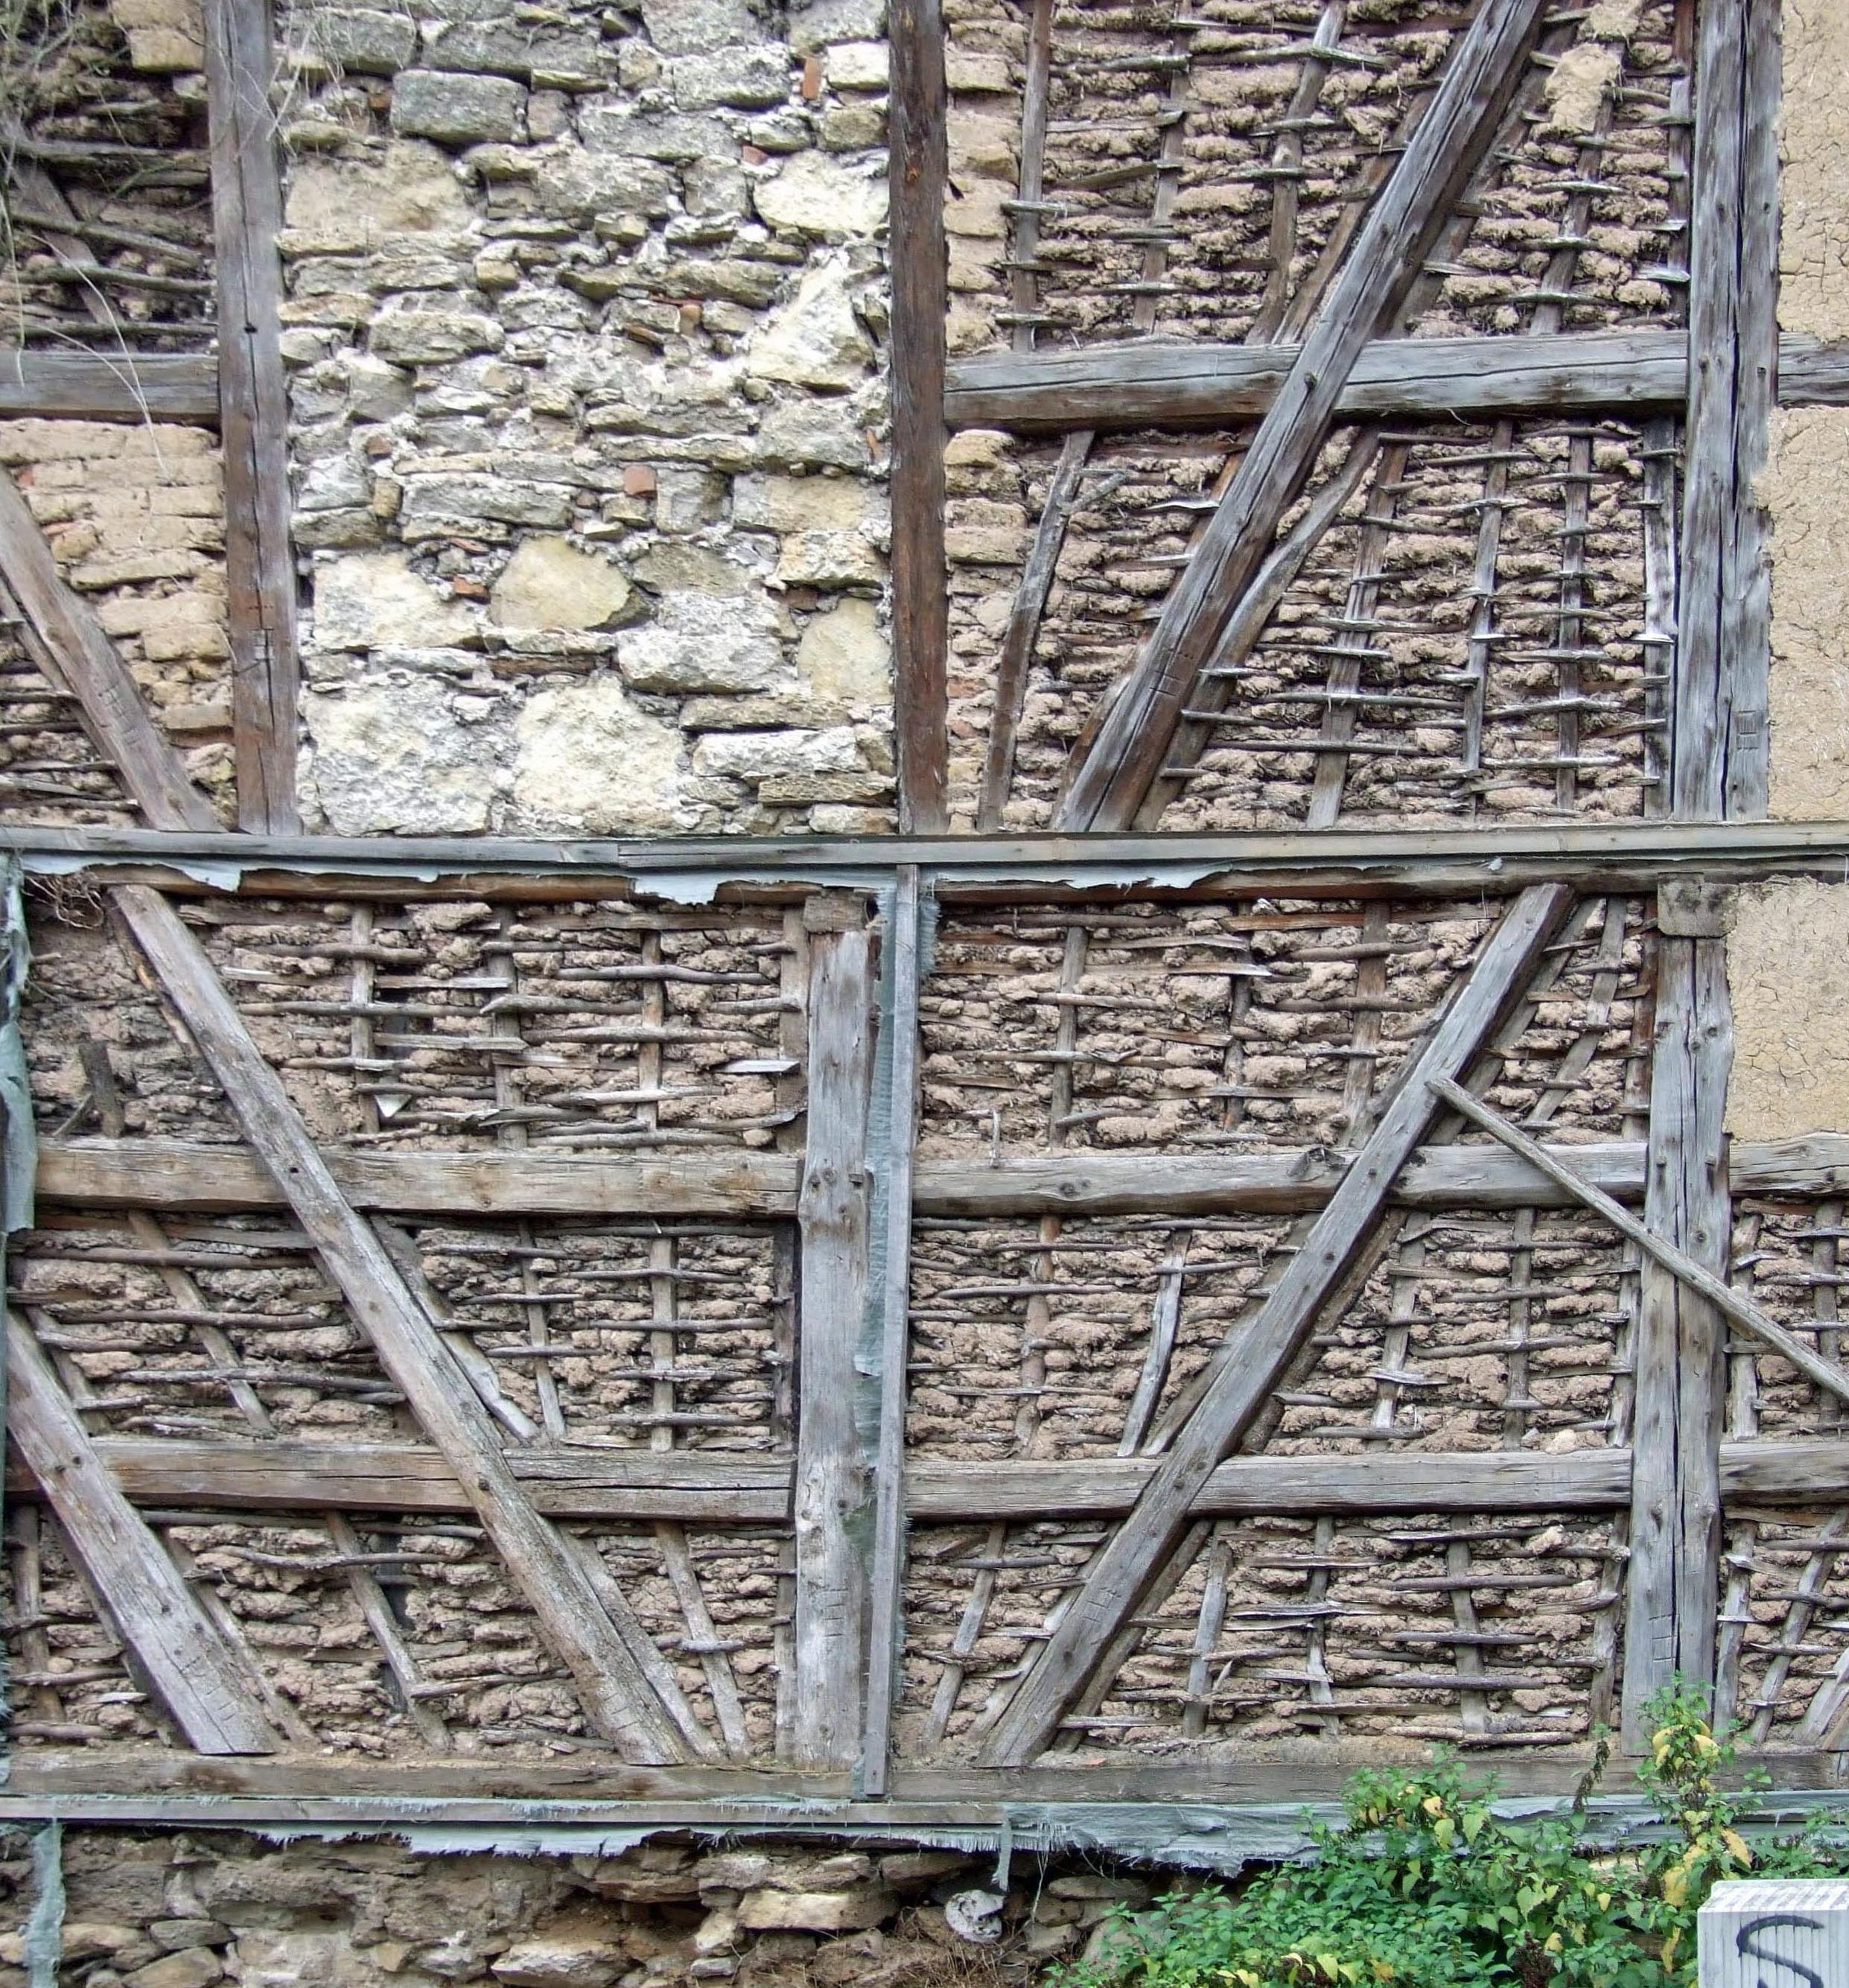 Freigelegte Konstruktion mit Gefachen mit Holzgeflecht und Lehmbewurf sowie Gefachen mit Steinen